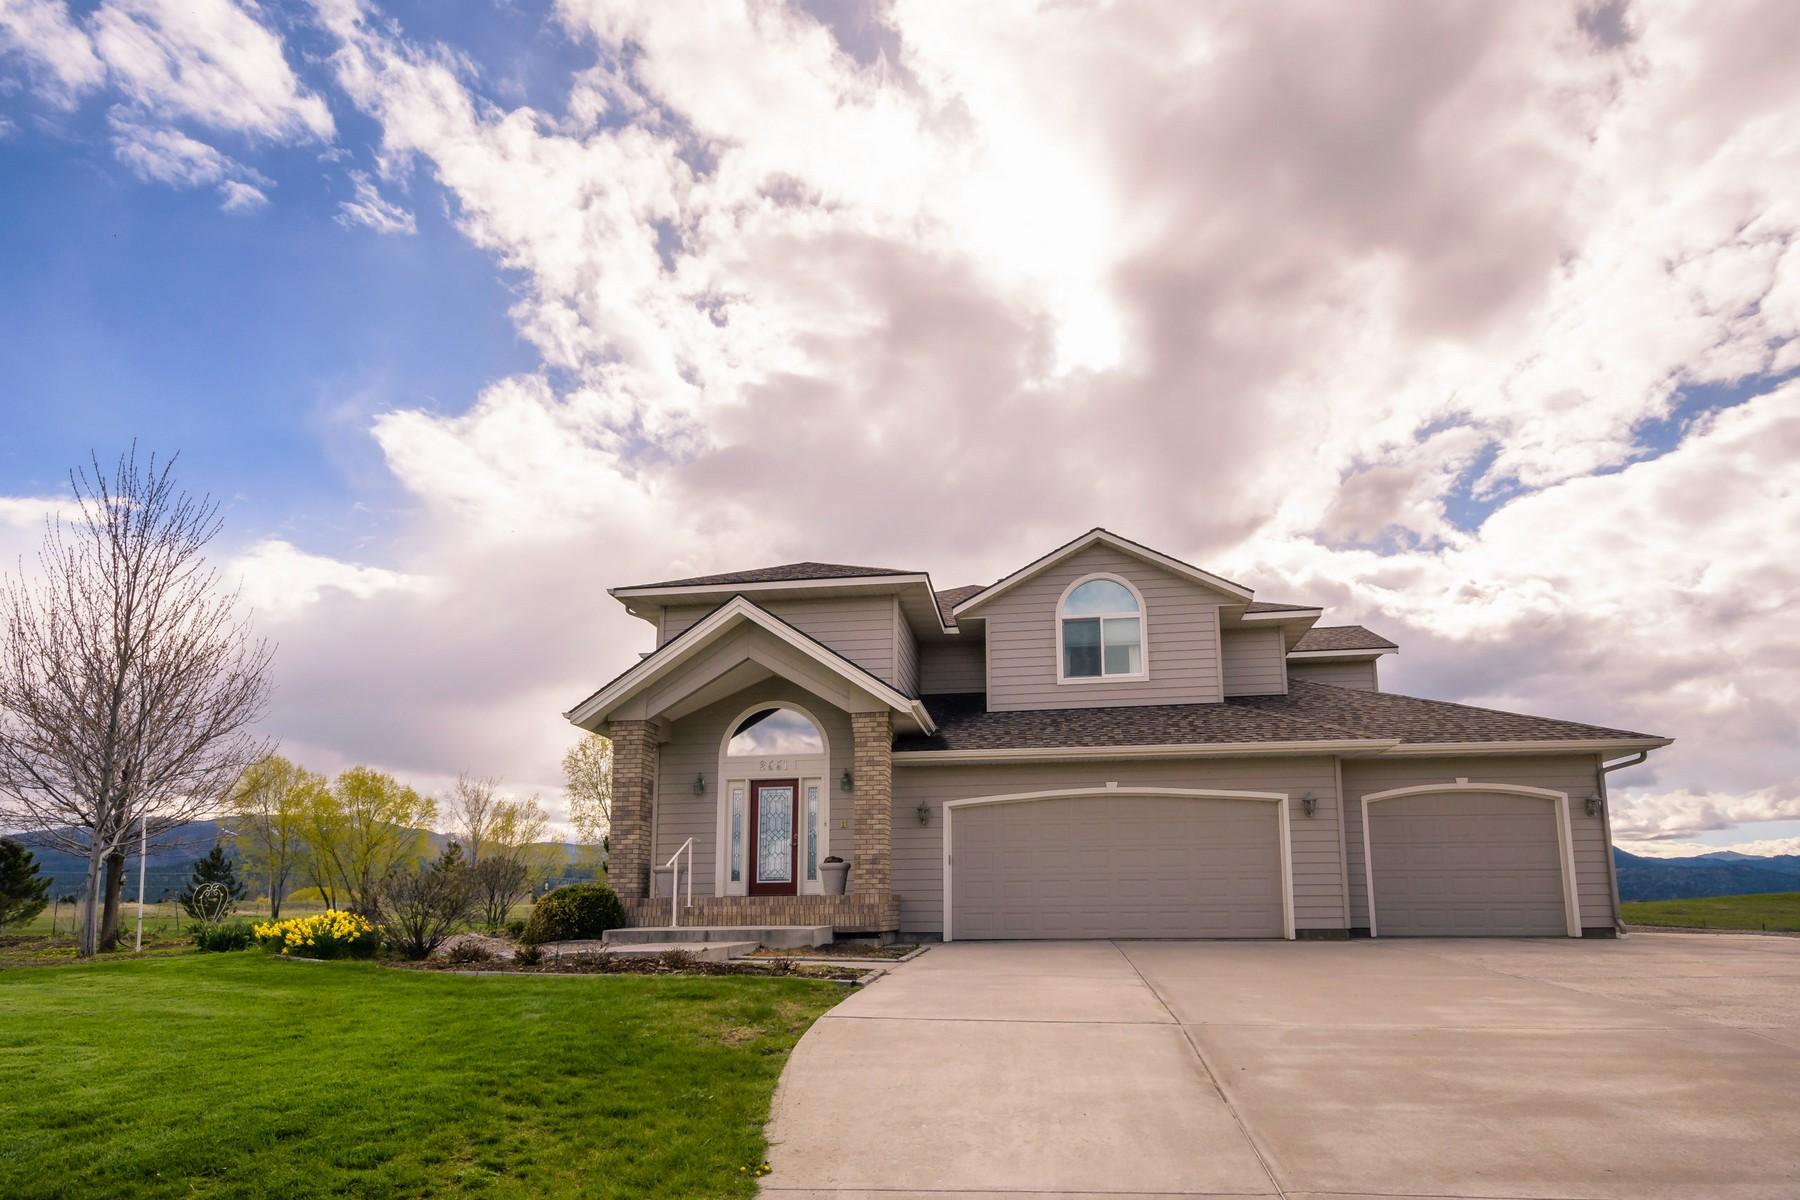 独户住宅 为 销售 在 2661 Peregrine Loop , Missoula, MT 59808 2661 Peregrine Loop 米苏拉, 蒙大拿州, 59808 美国